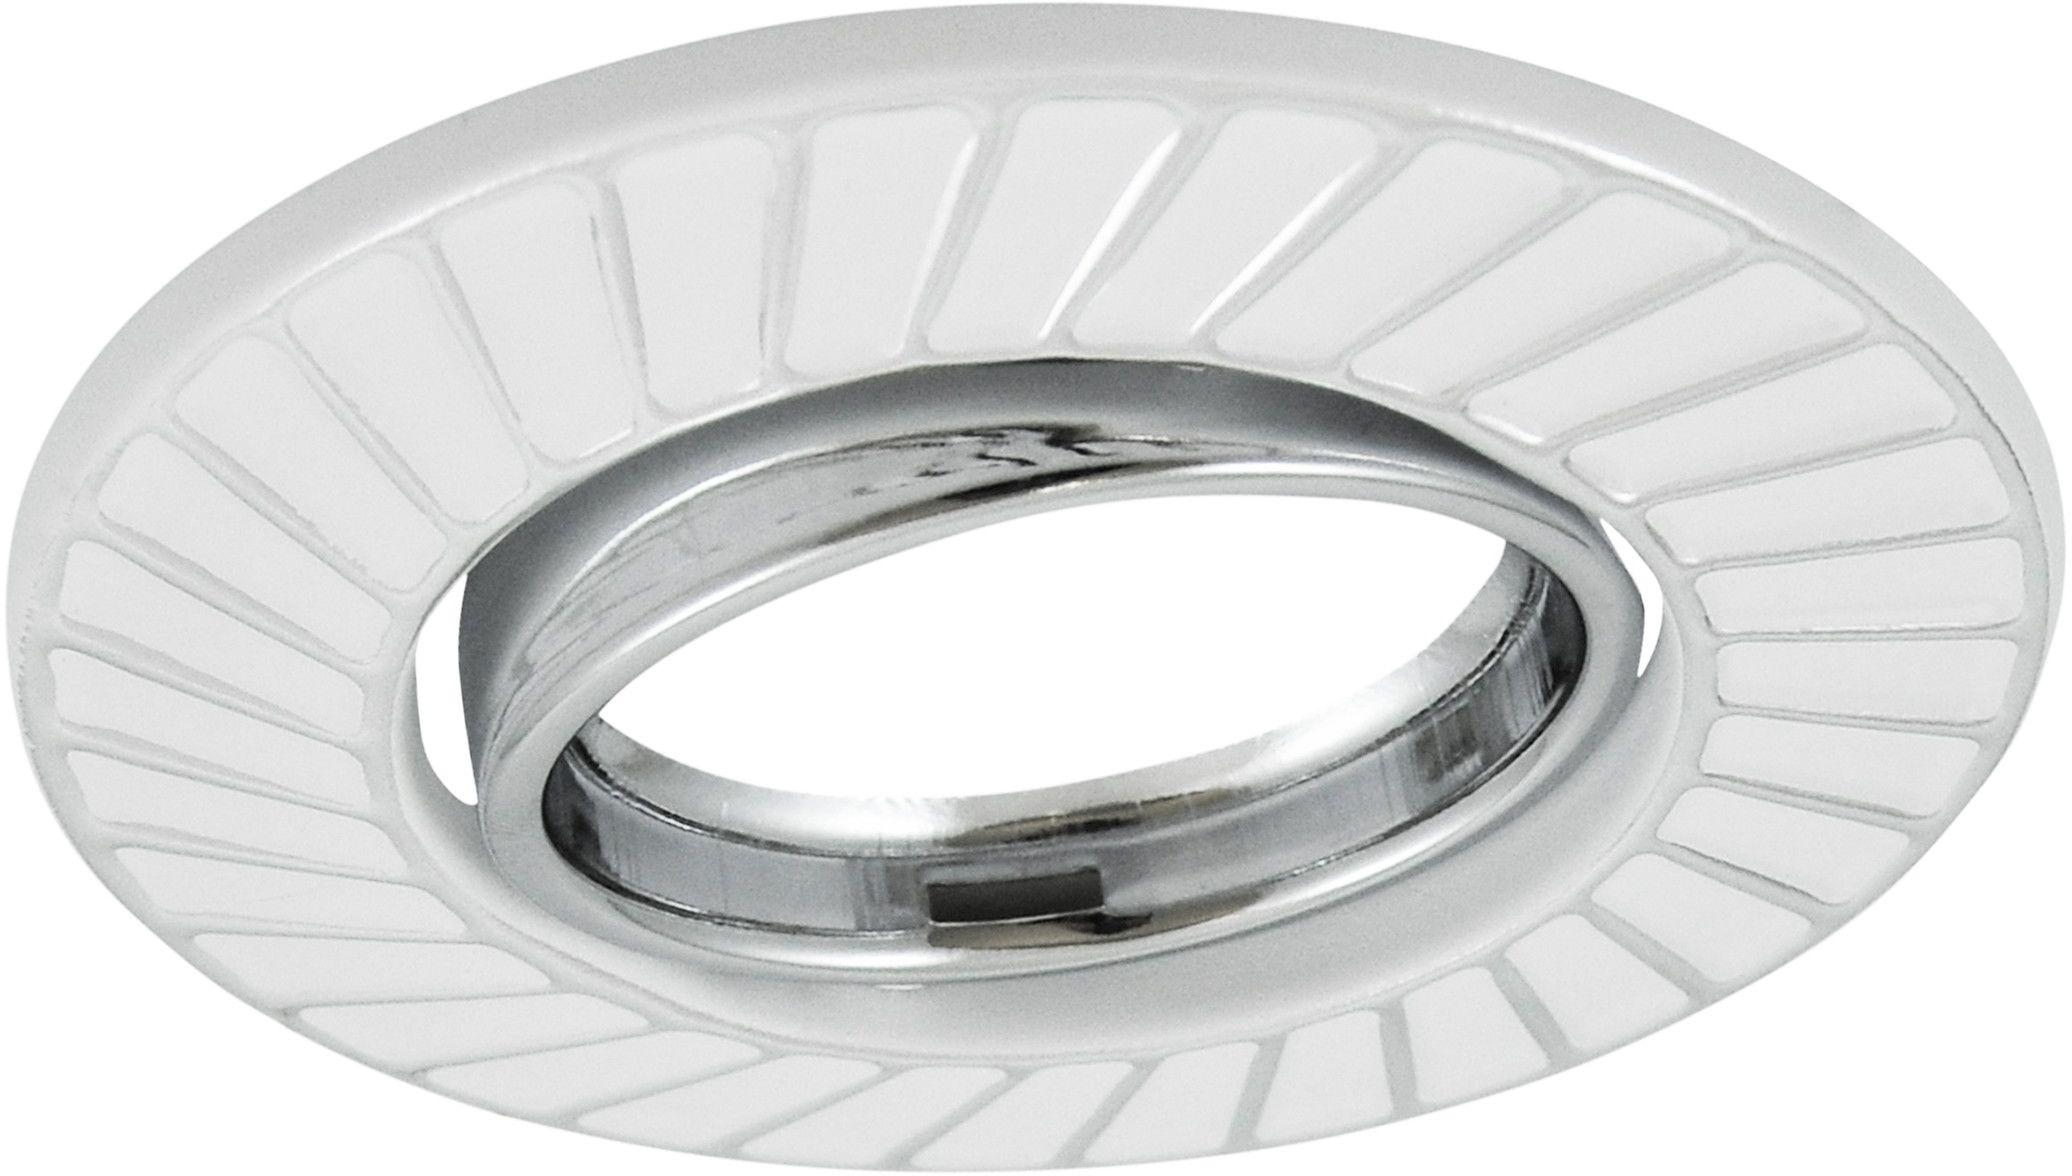 Oczko podtynkowe 1x5W LED 12V FOBOS biały/srebrny 310255 POLUX/SANICO